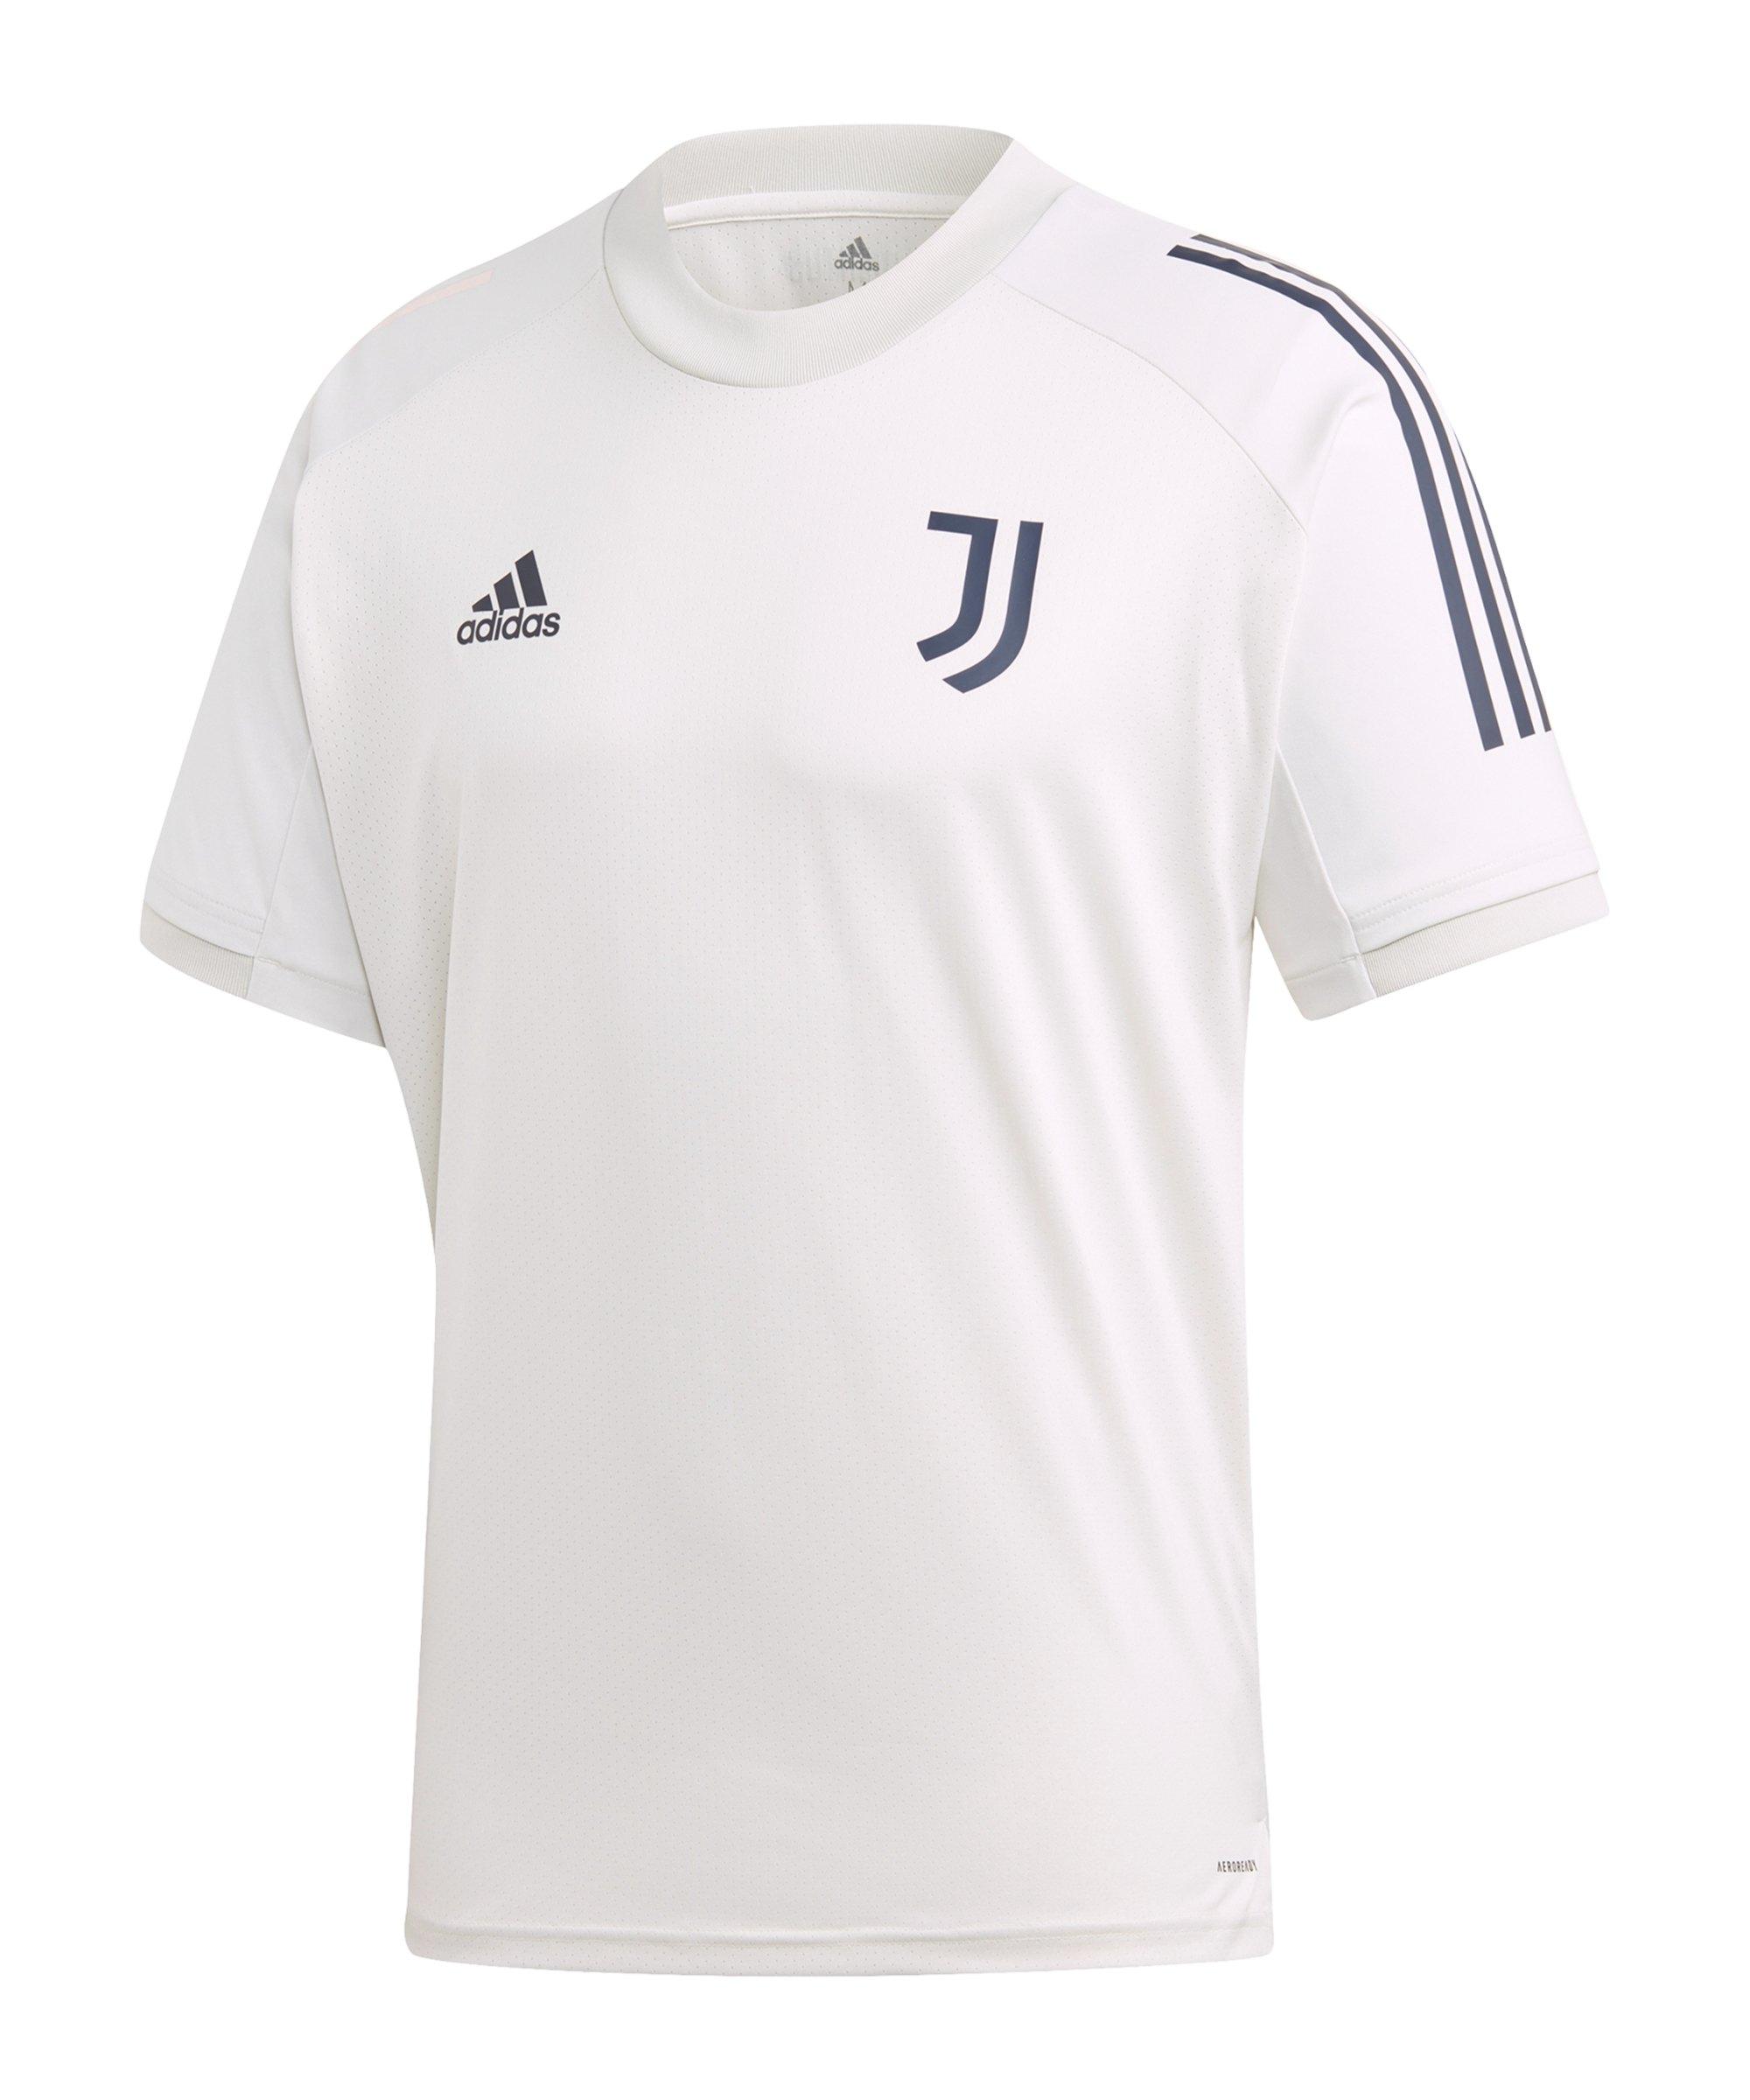 adidas Juventus Turin Trainingsshirt Grau Blau - grau